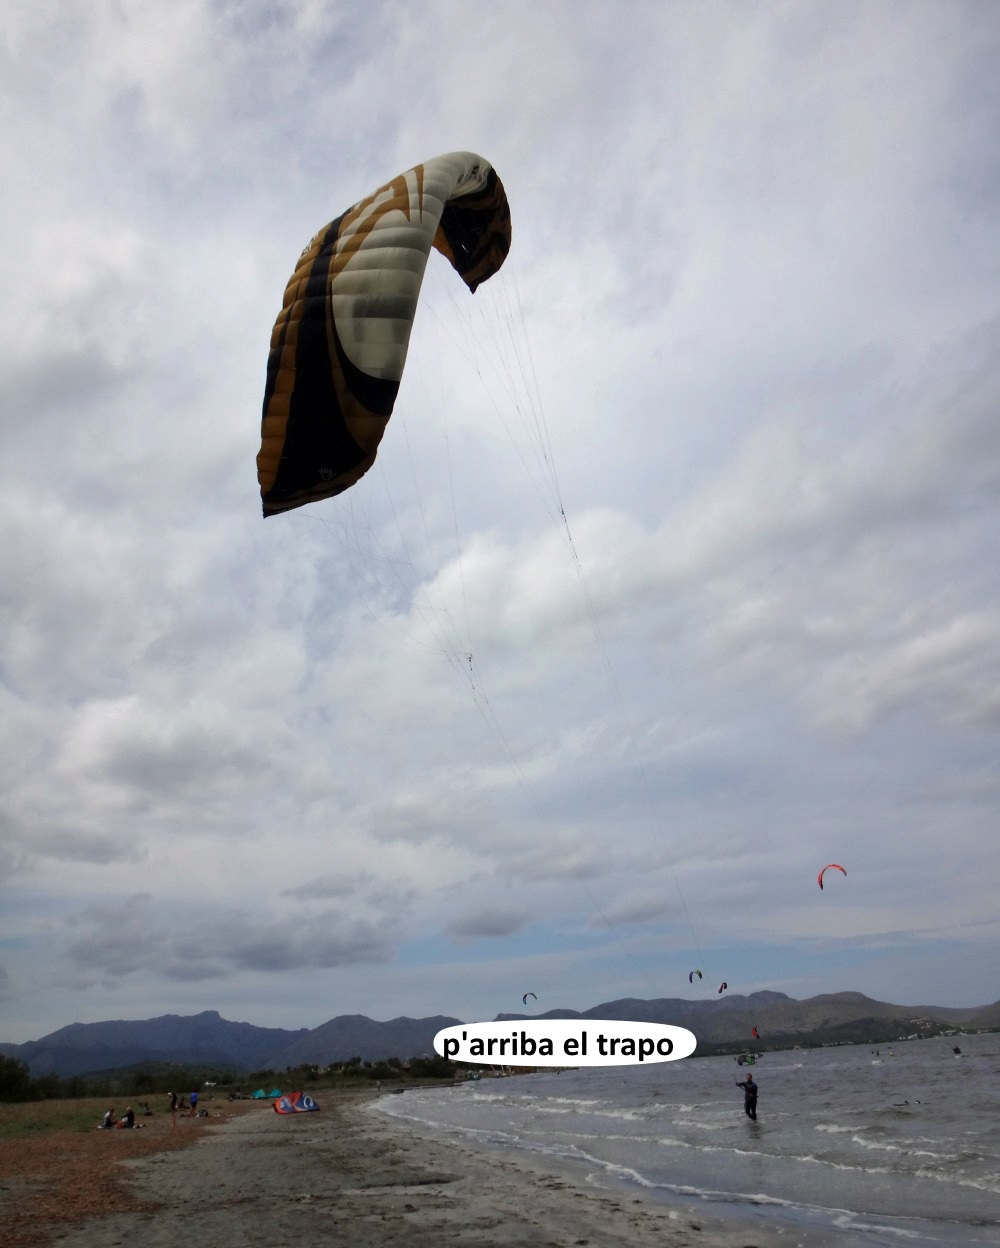 1-kitesurfen-mallorca-levantando-el-trapo